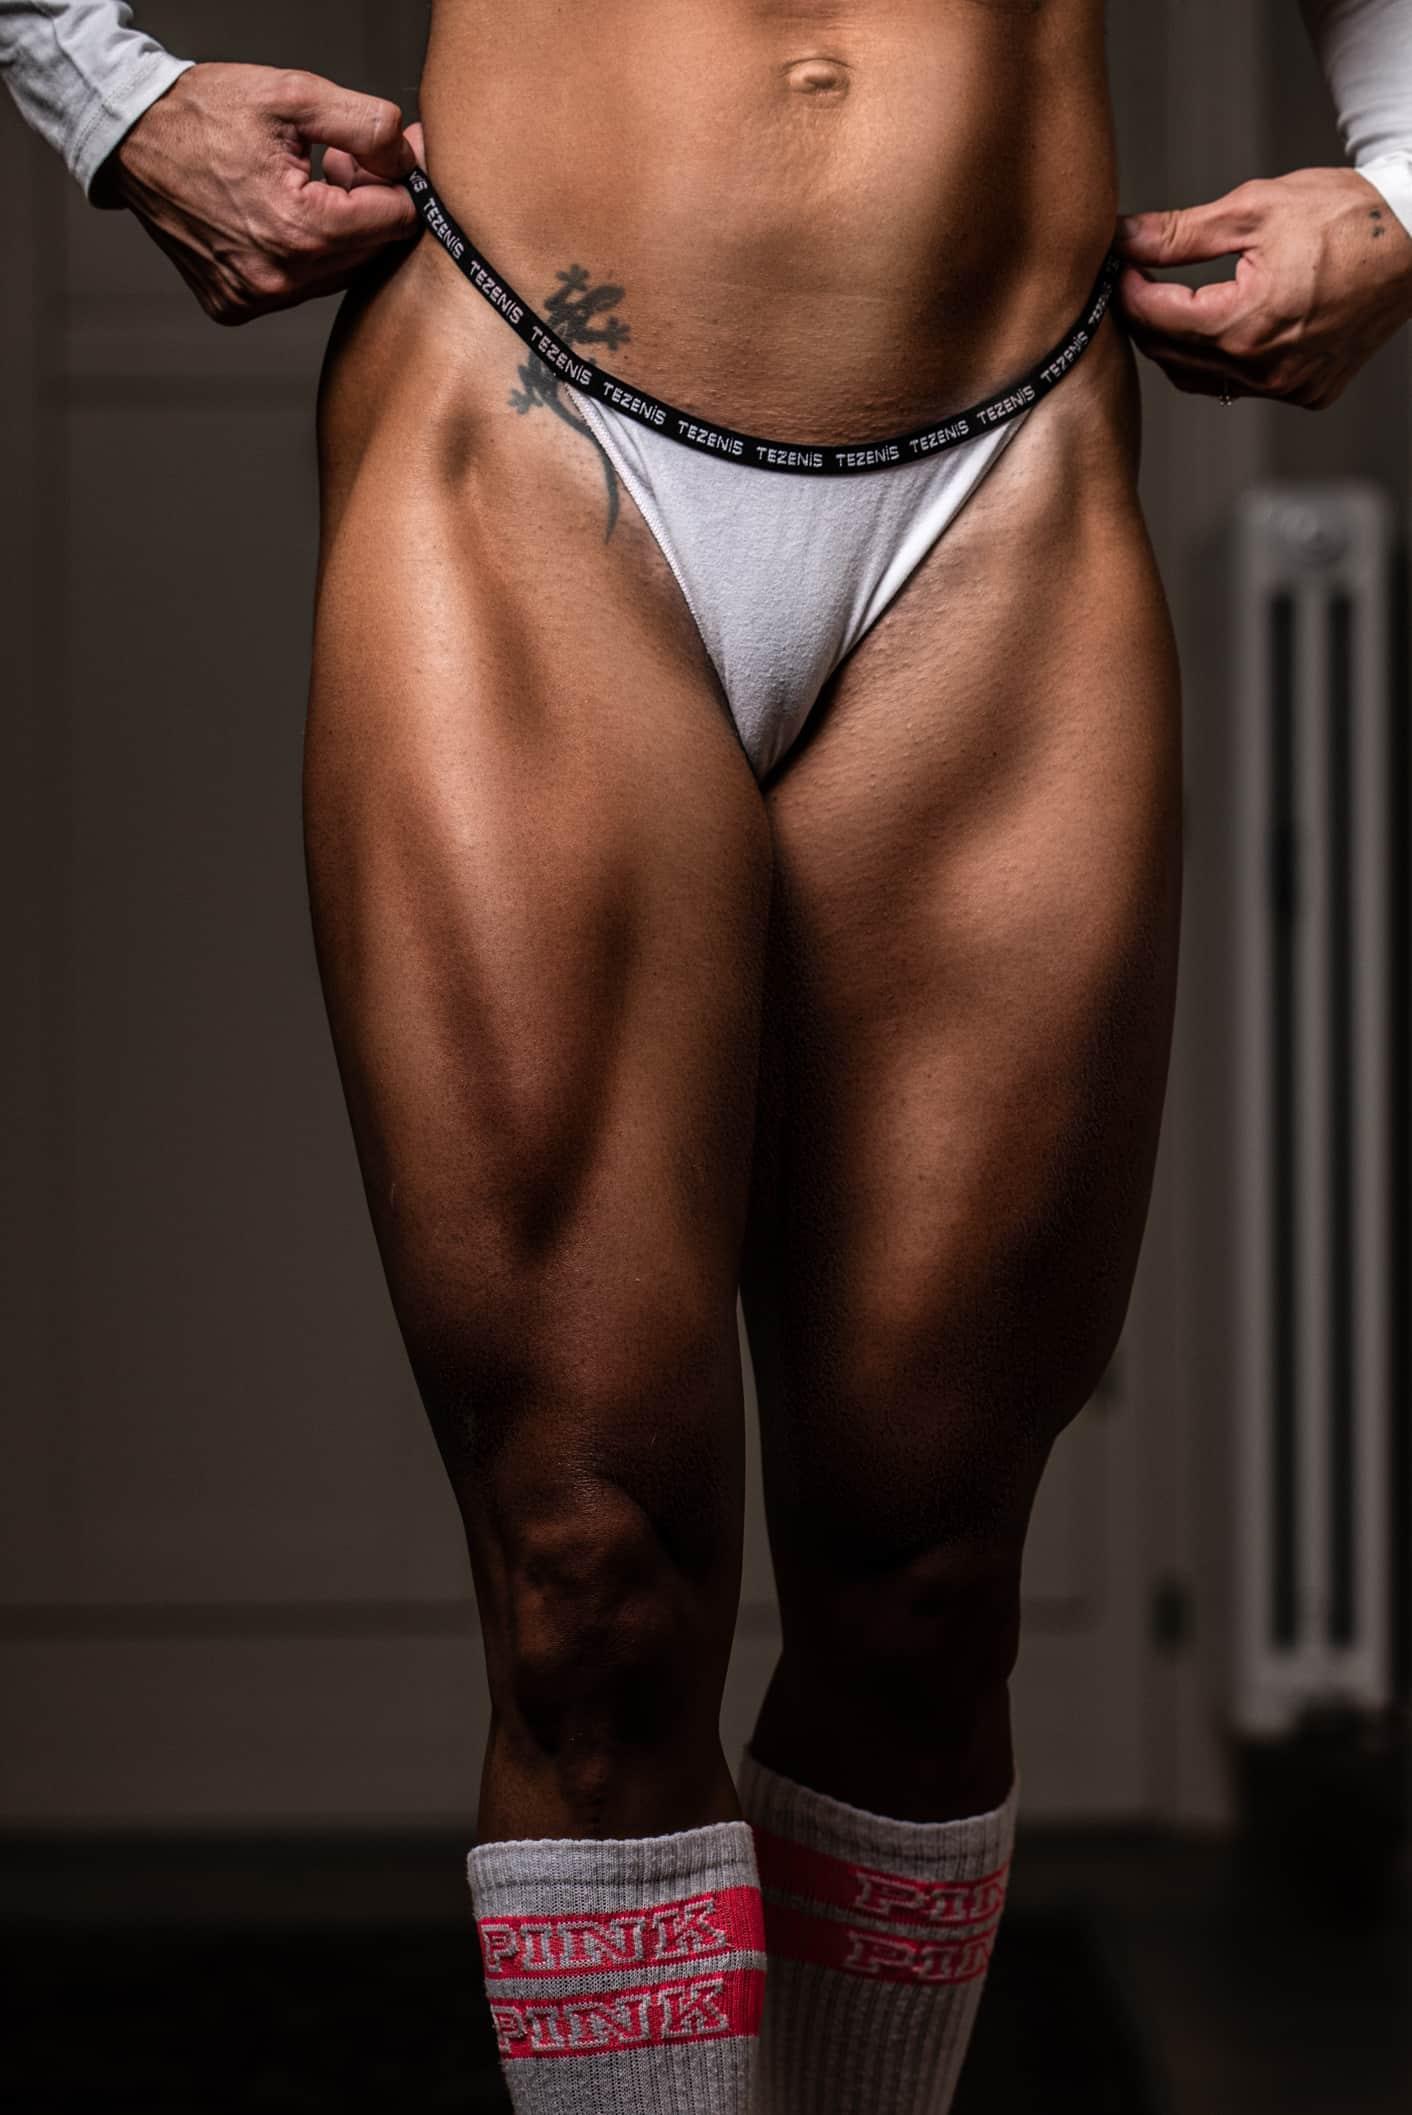 fotografofitness servizio fotografico boudoir dettagli gambe ragazza muscolosa in intimo bianco